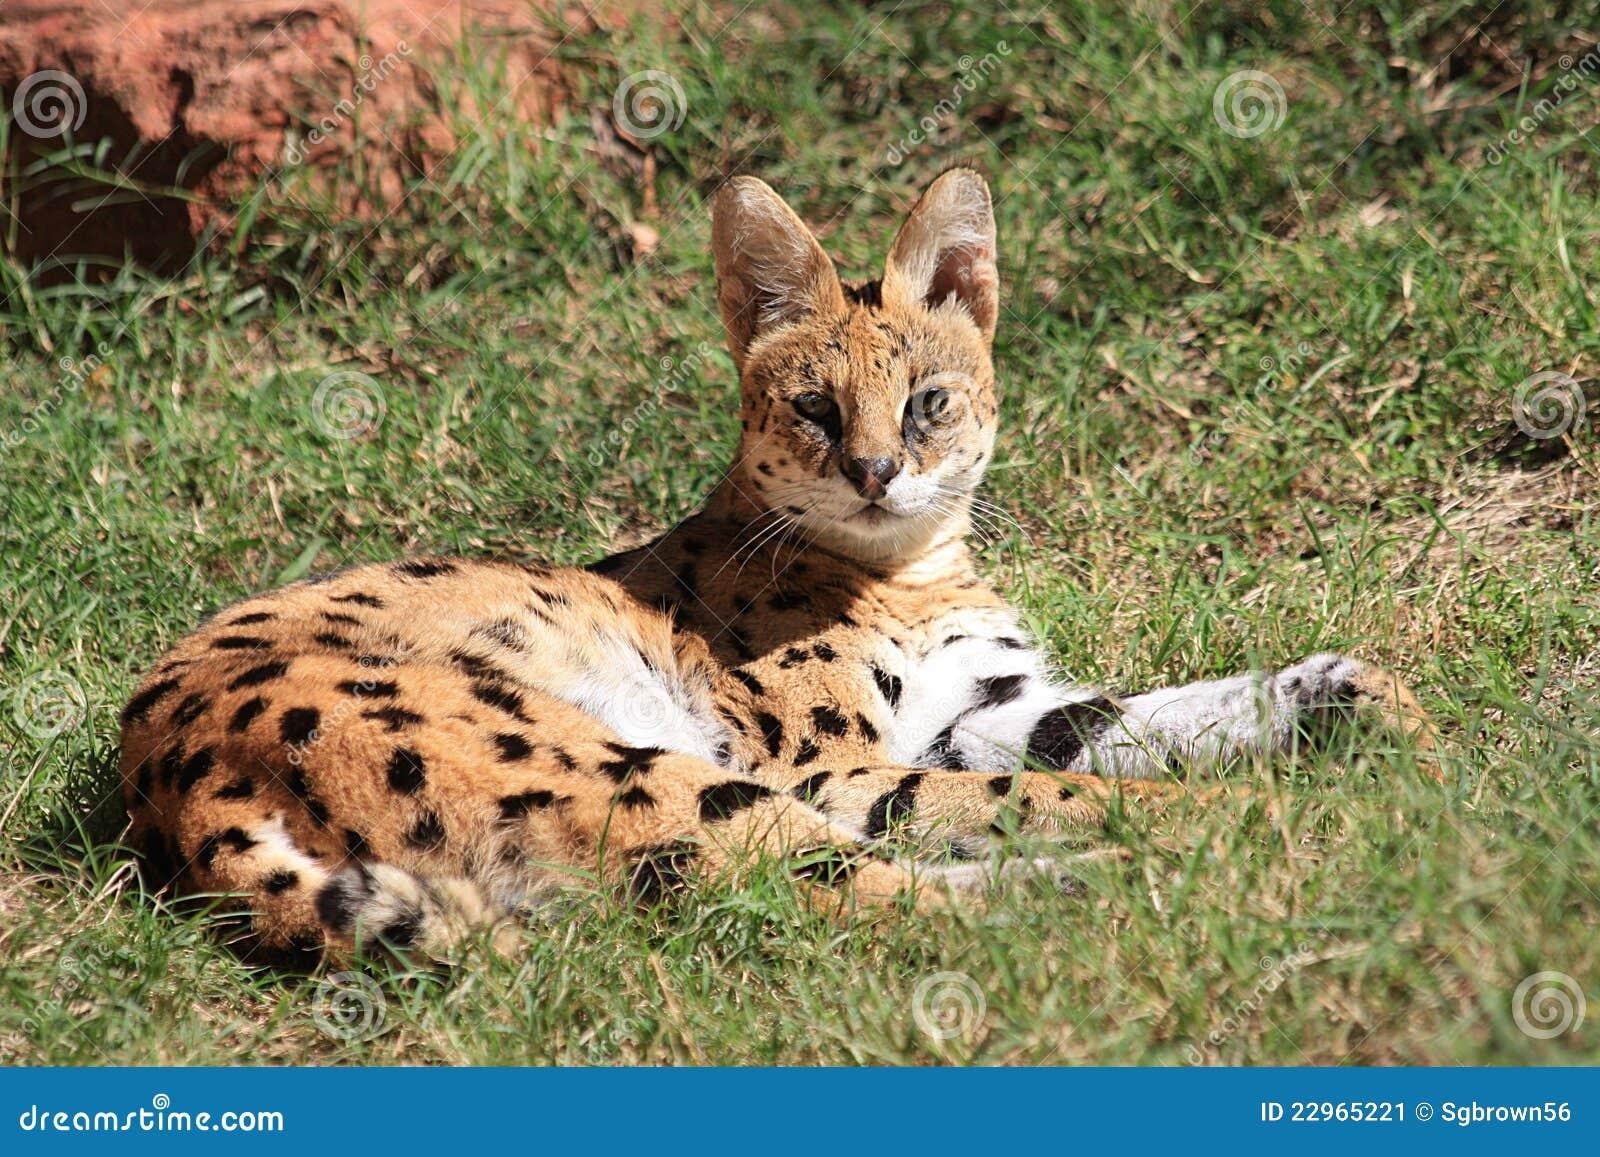 serval de wilde kat van afrika stock afbeelding afbeelding 22965221. Black Bedroom Furniture Sets. Home Design Ideas